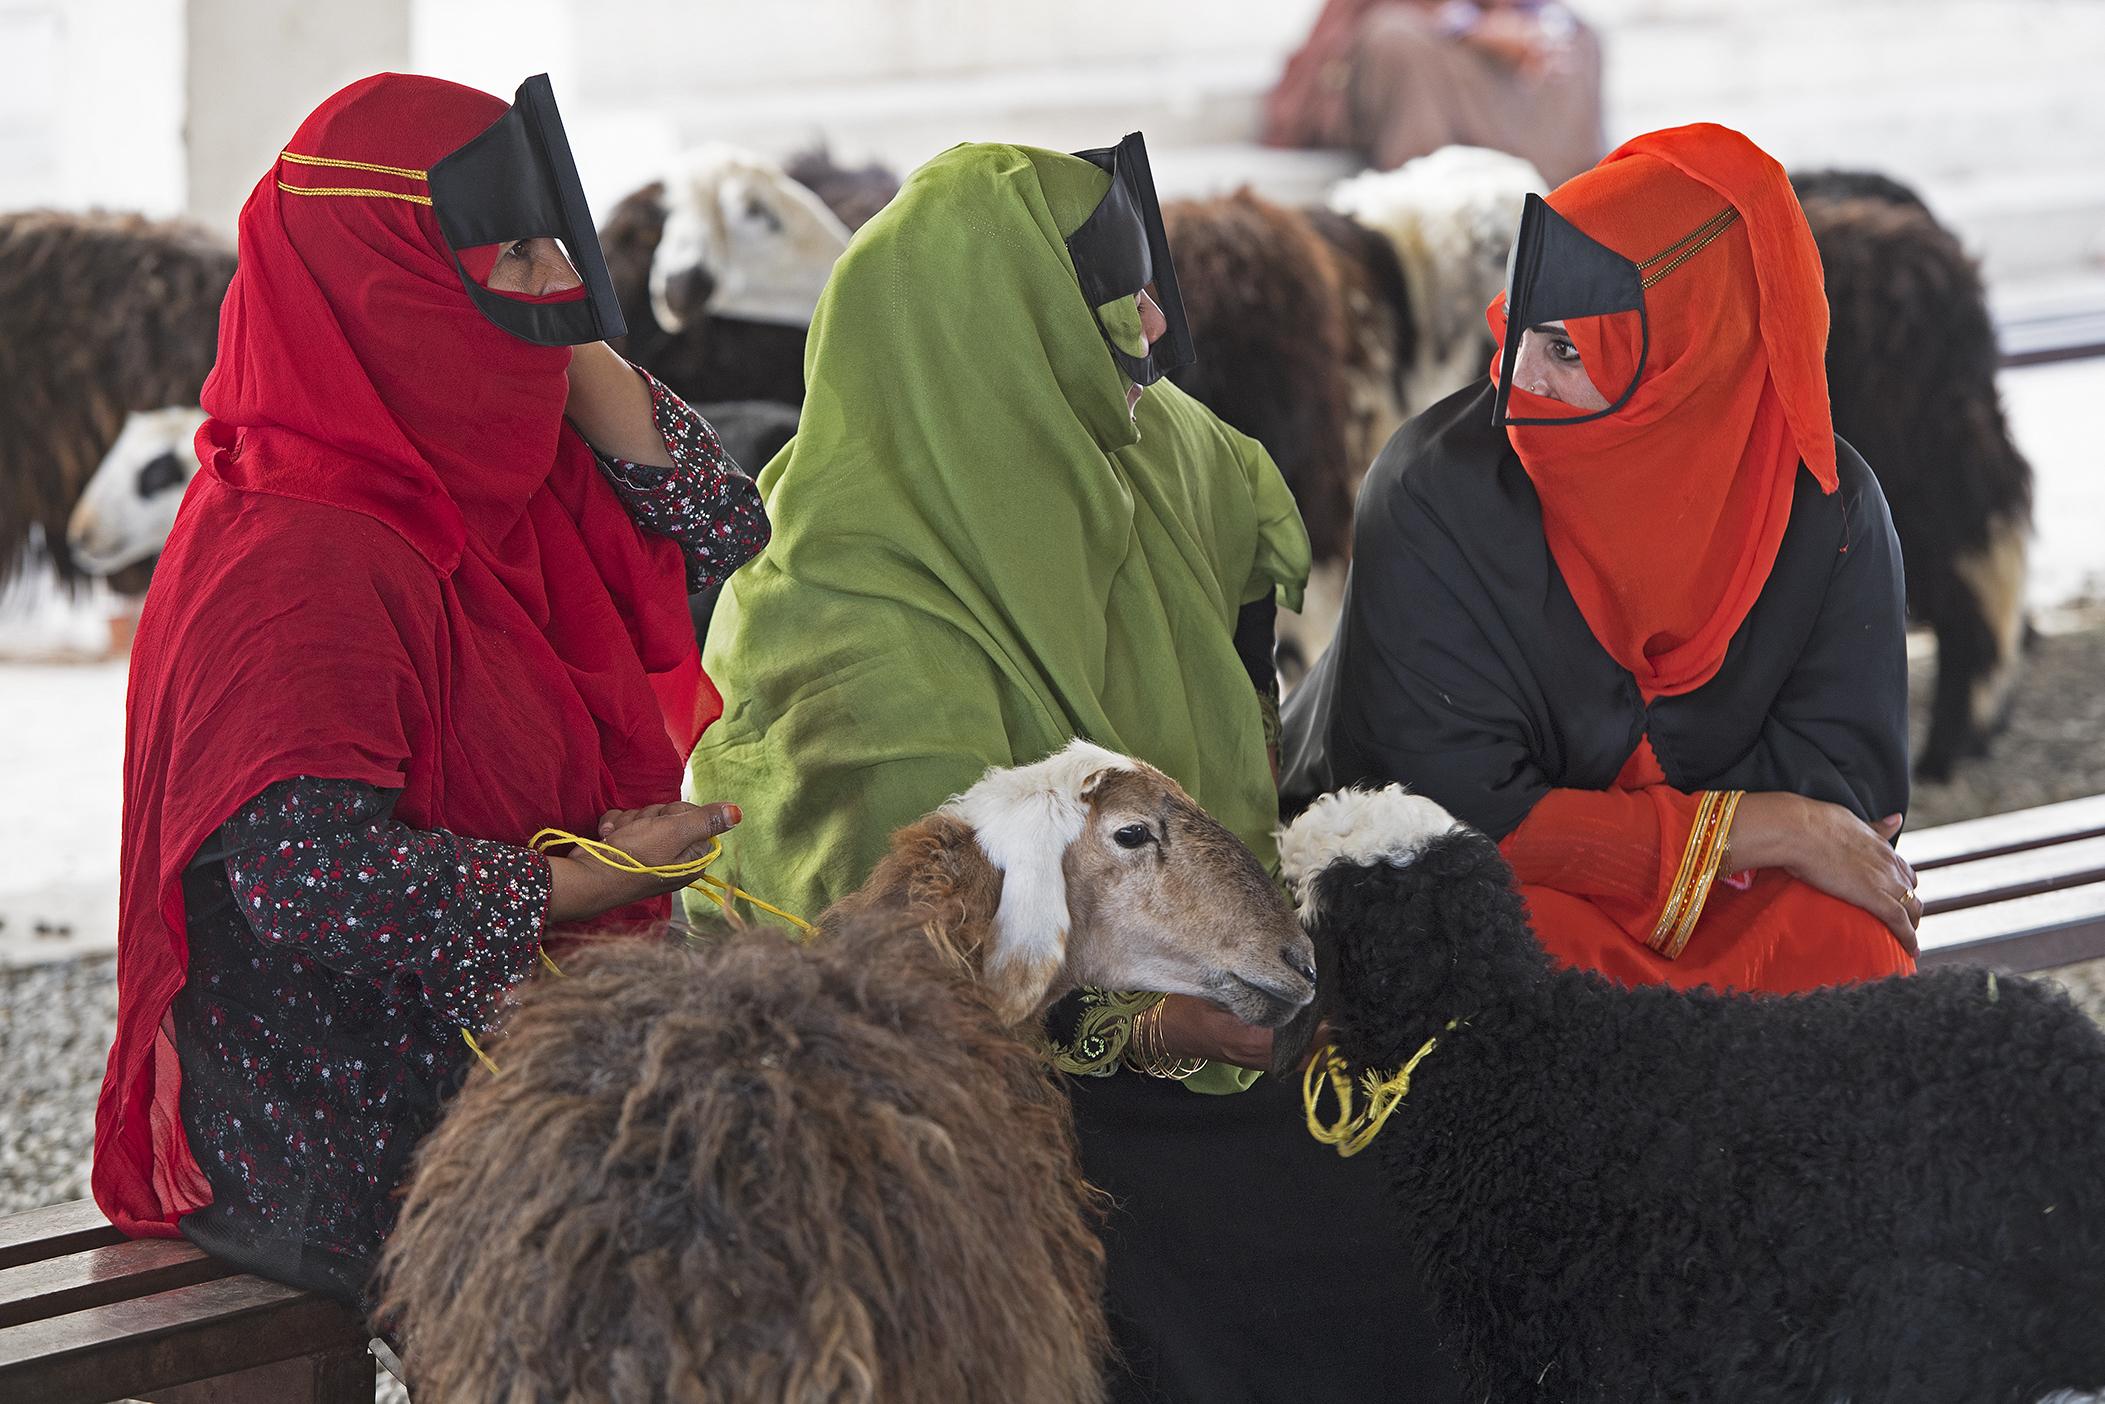 Viehmarkt in Sinaw, Oman